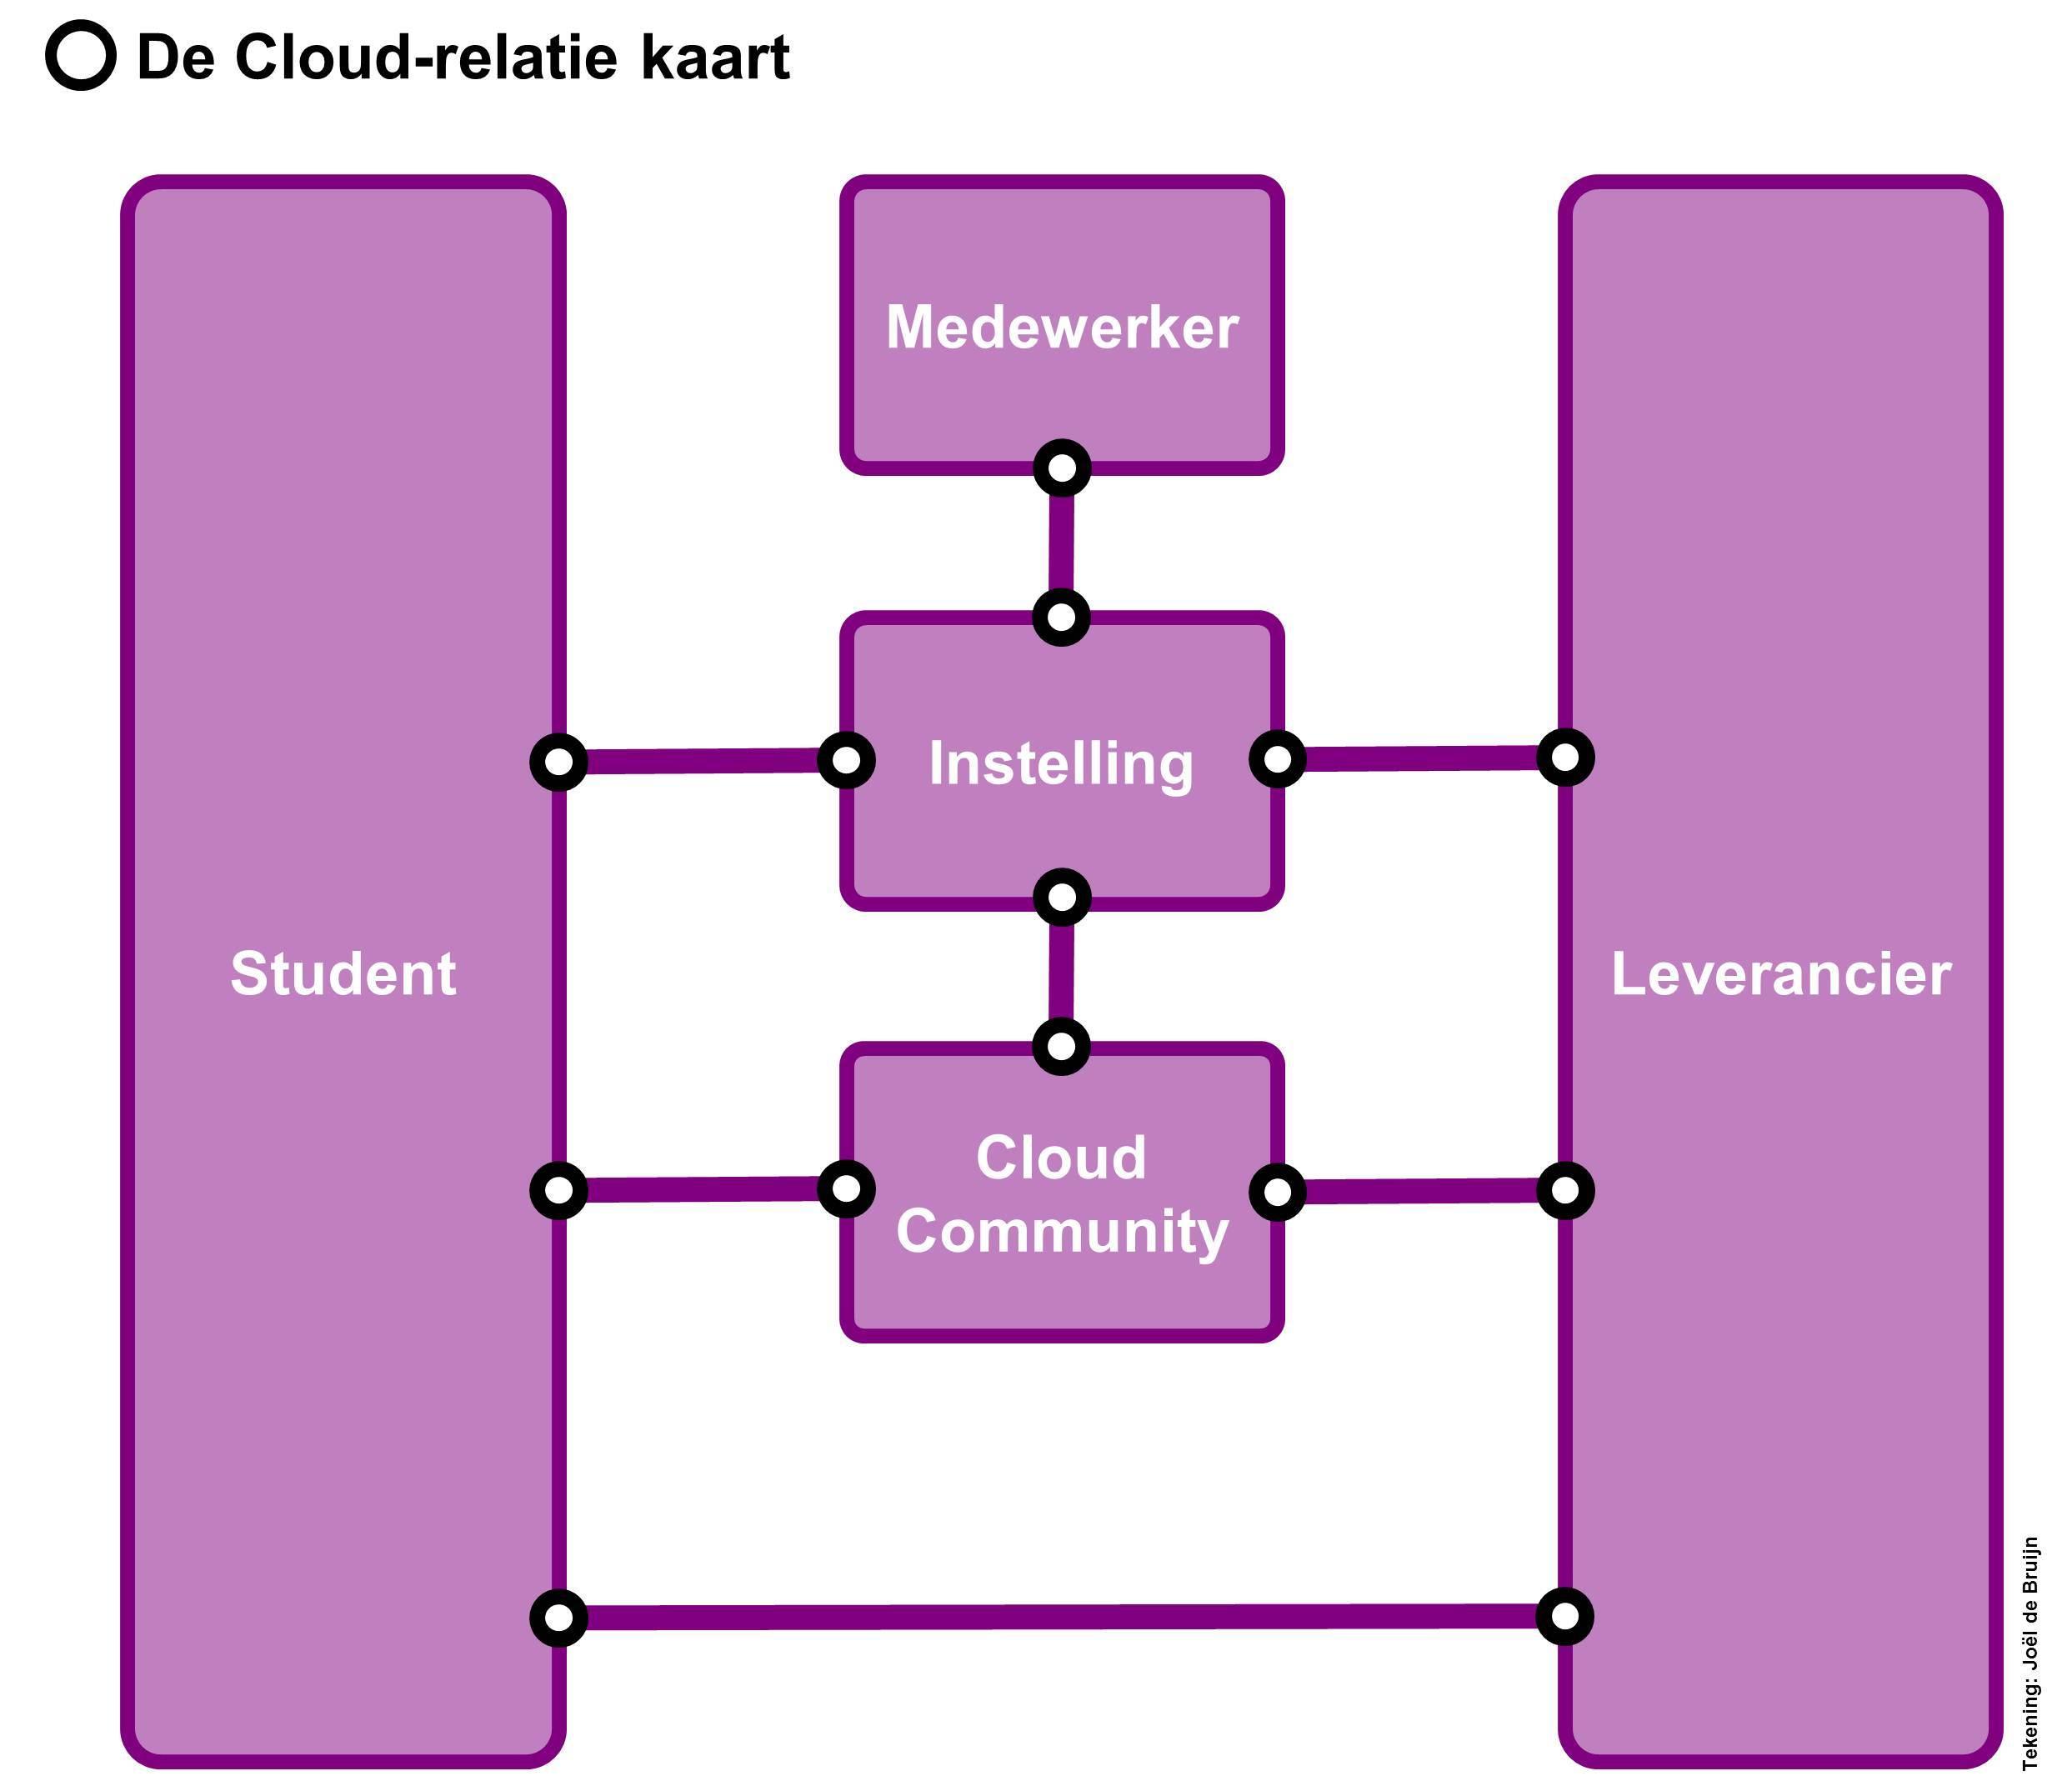 De Cloud-relatie Kaart